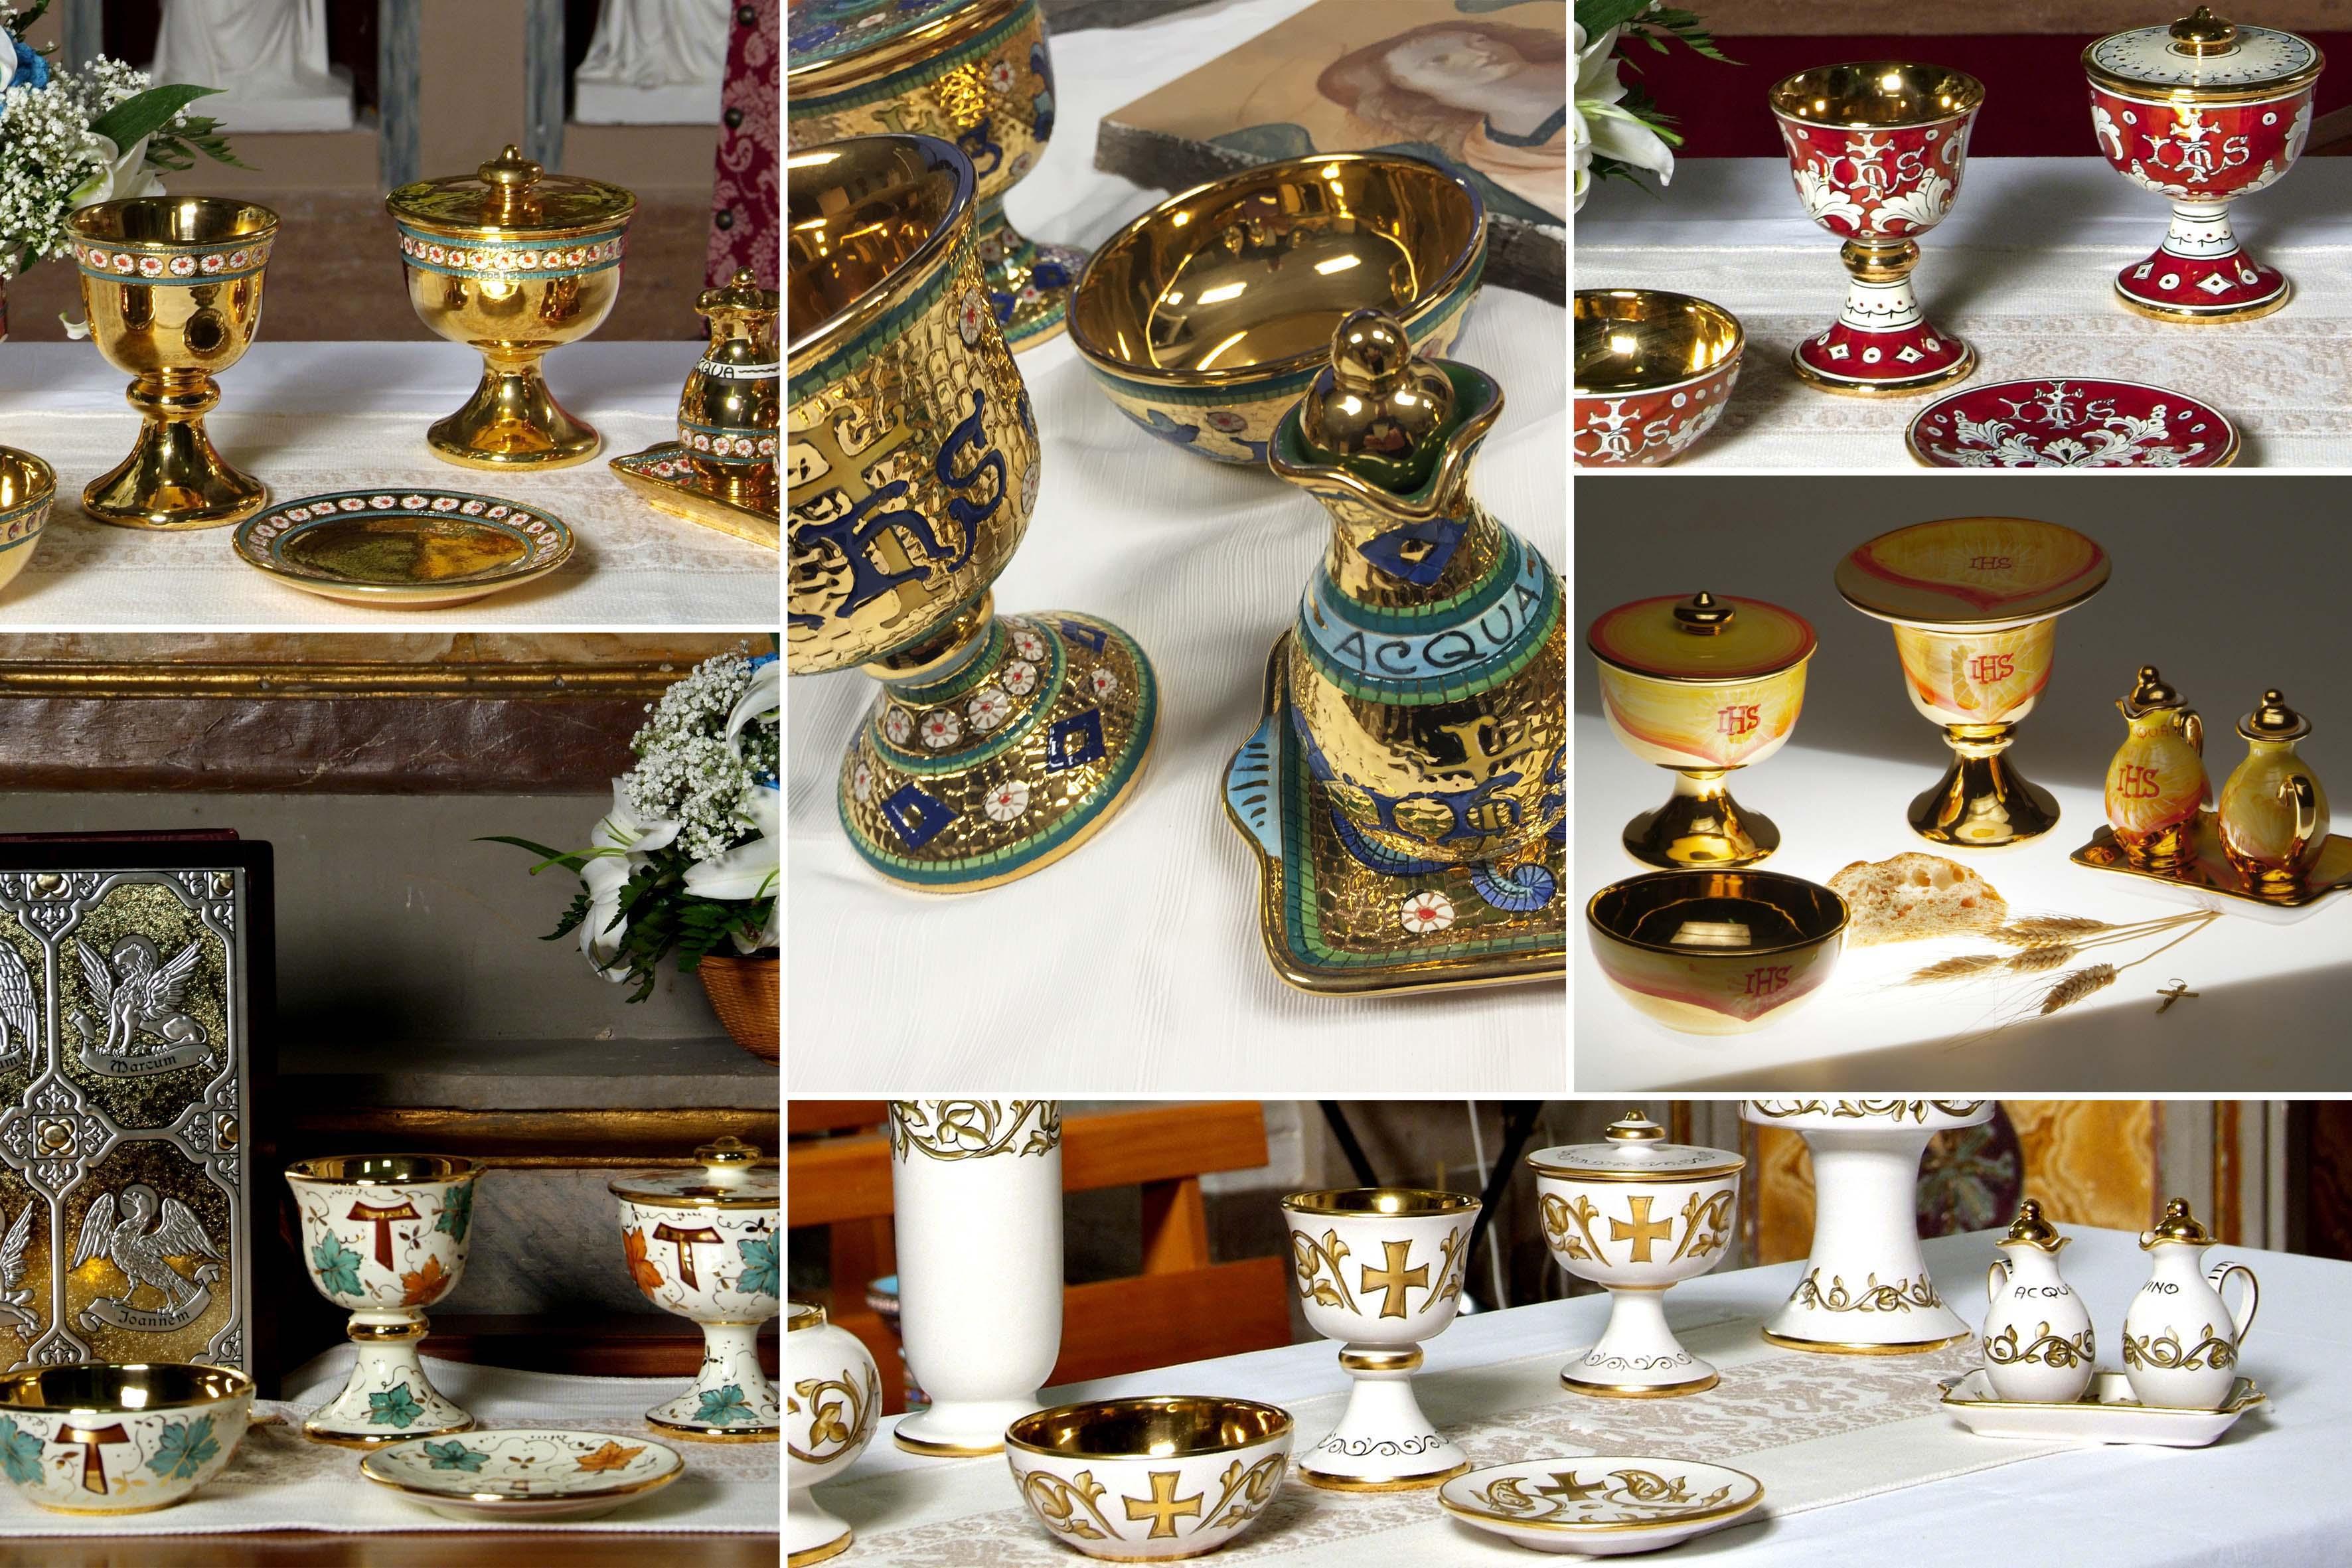 Sambuco Arte Sacra Deruta Vasi Sacri Servizi per liturgia